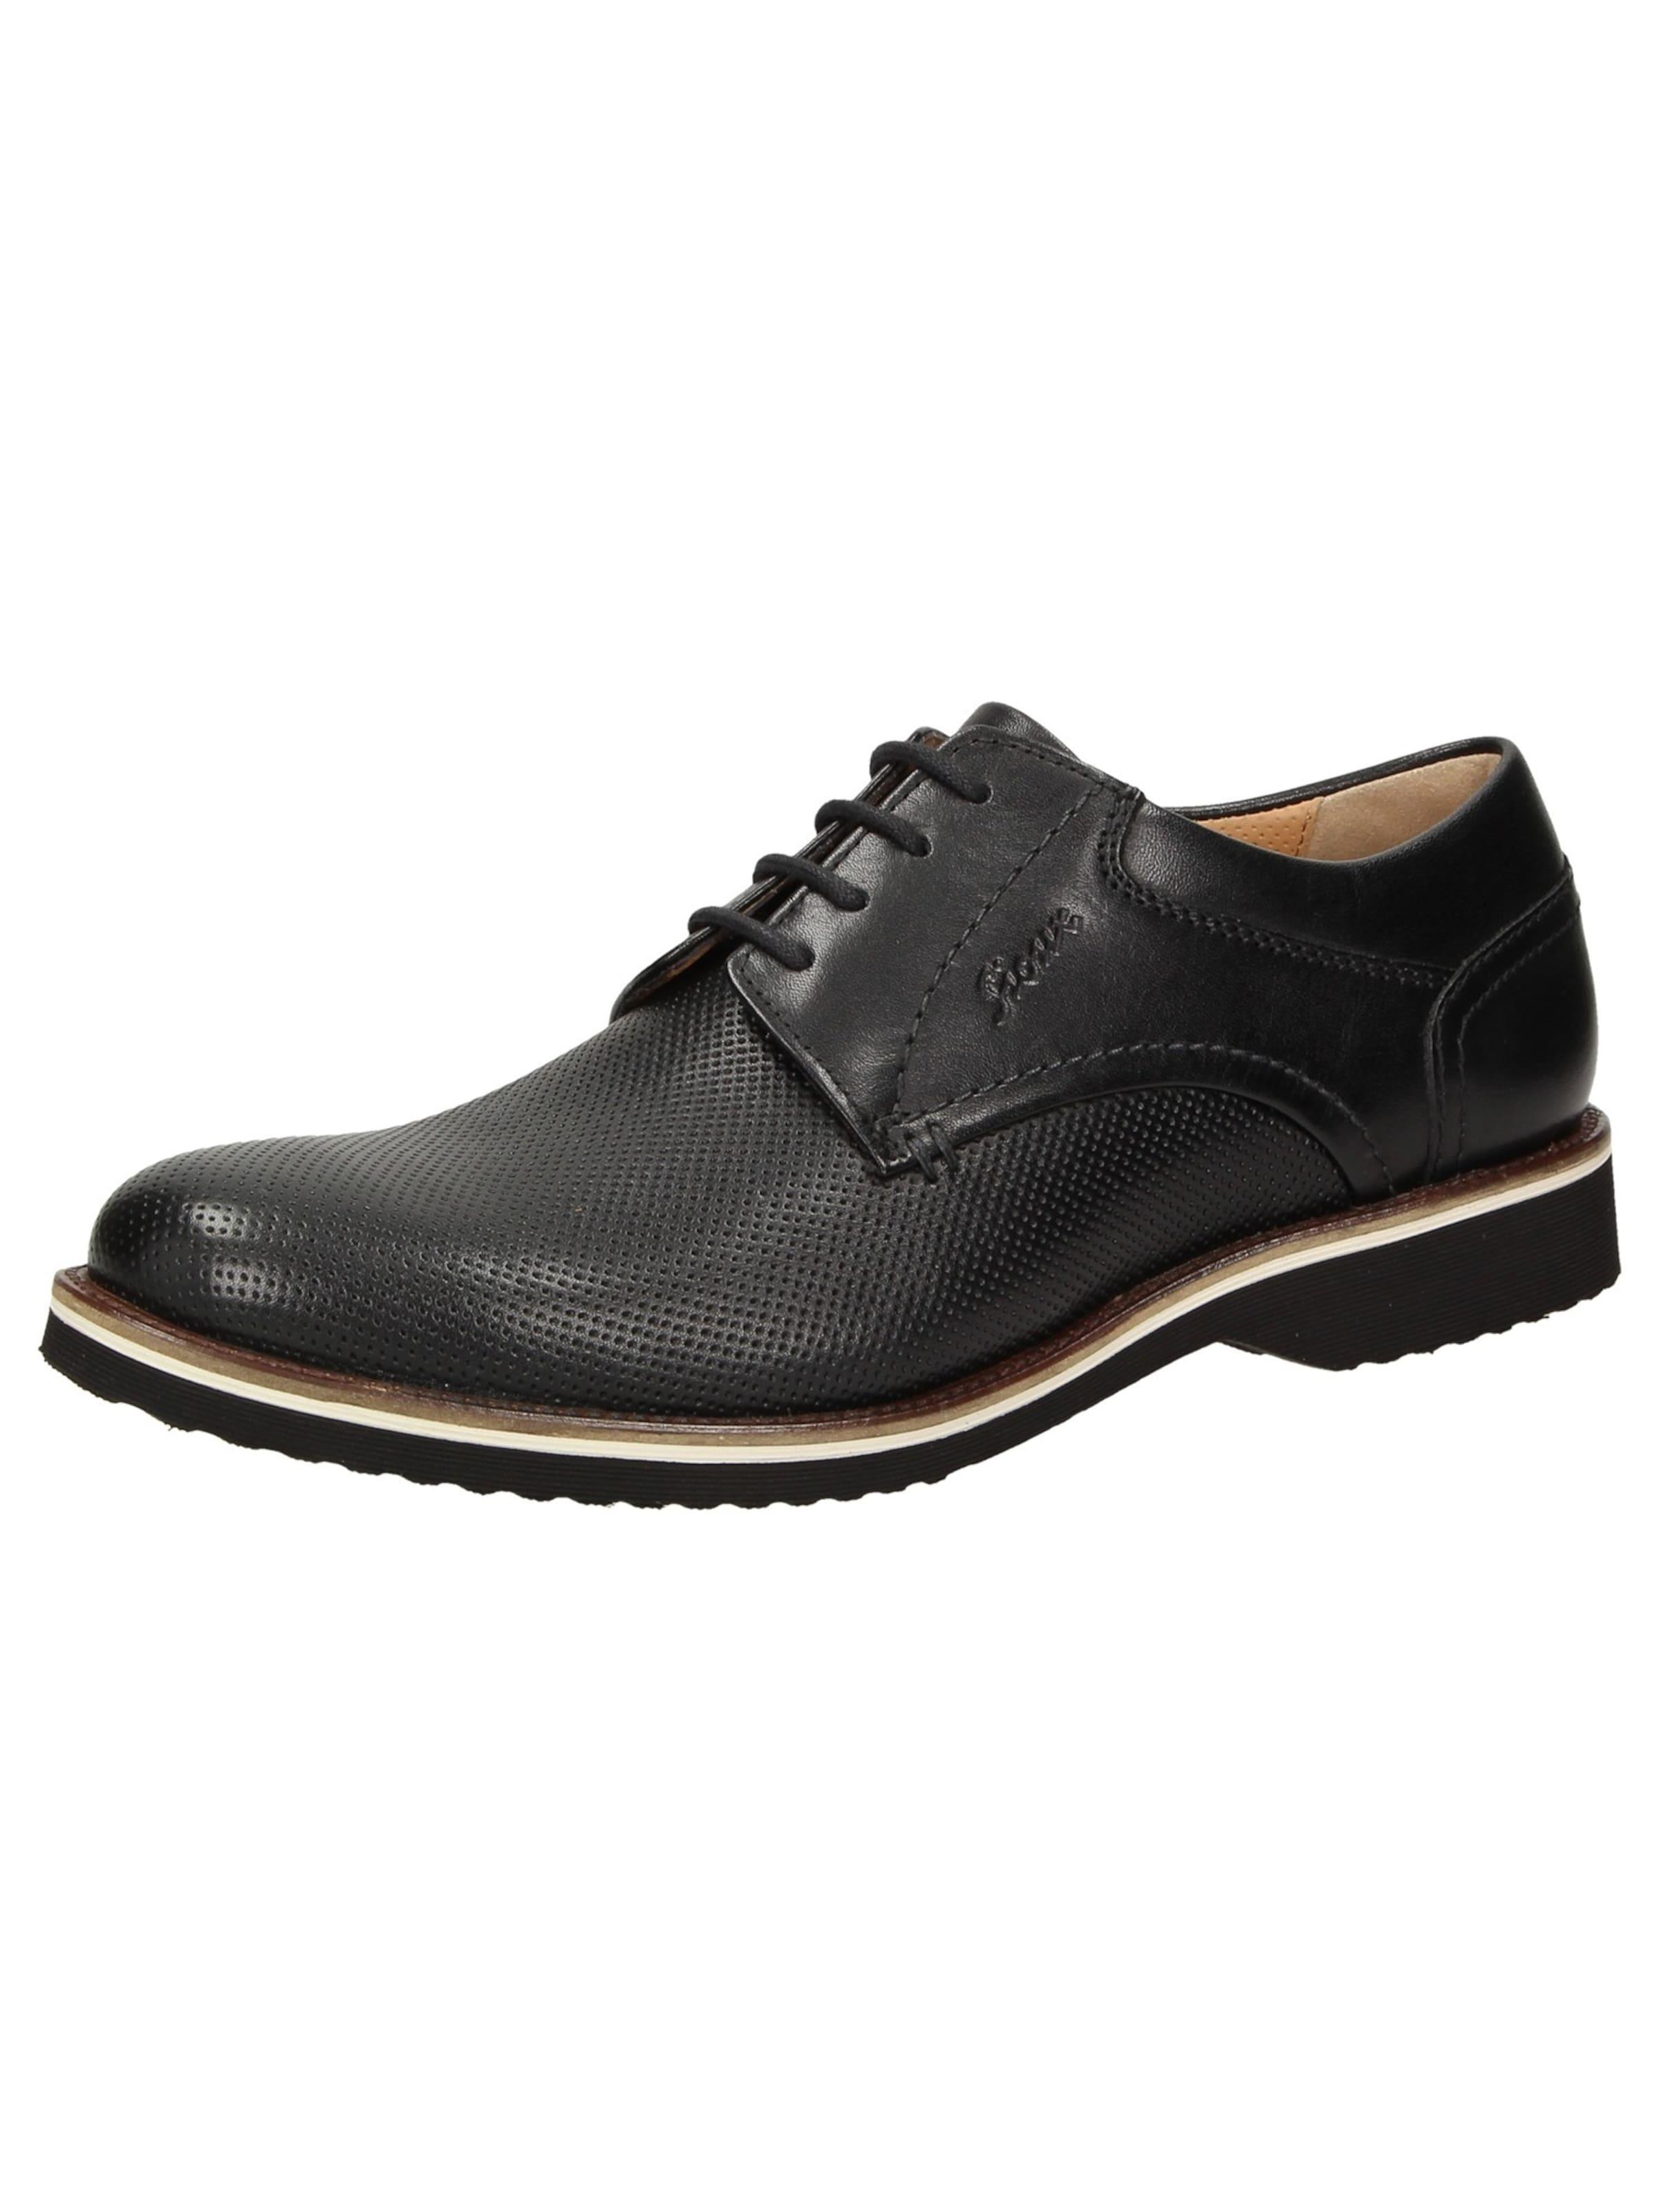 SIOUX Schnürschuh Dimitar-XL Verschleißfeste billige Schuhe